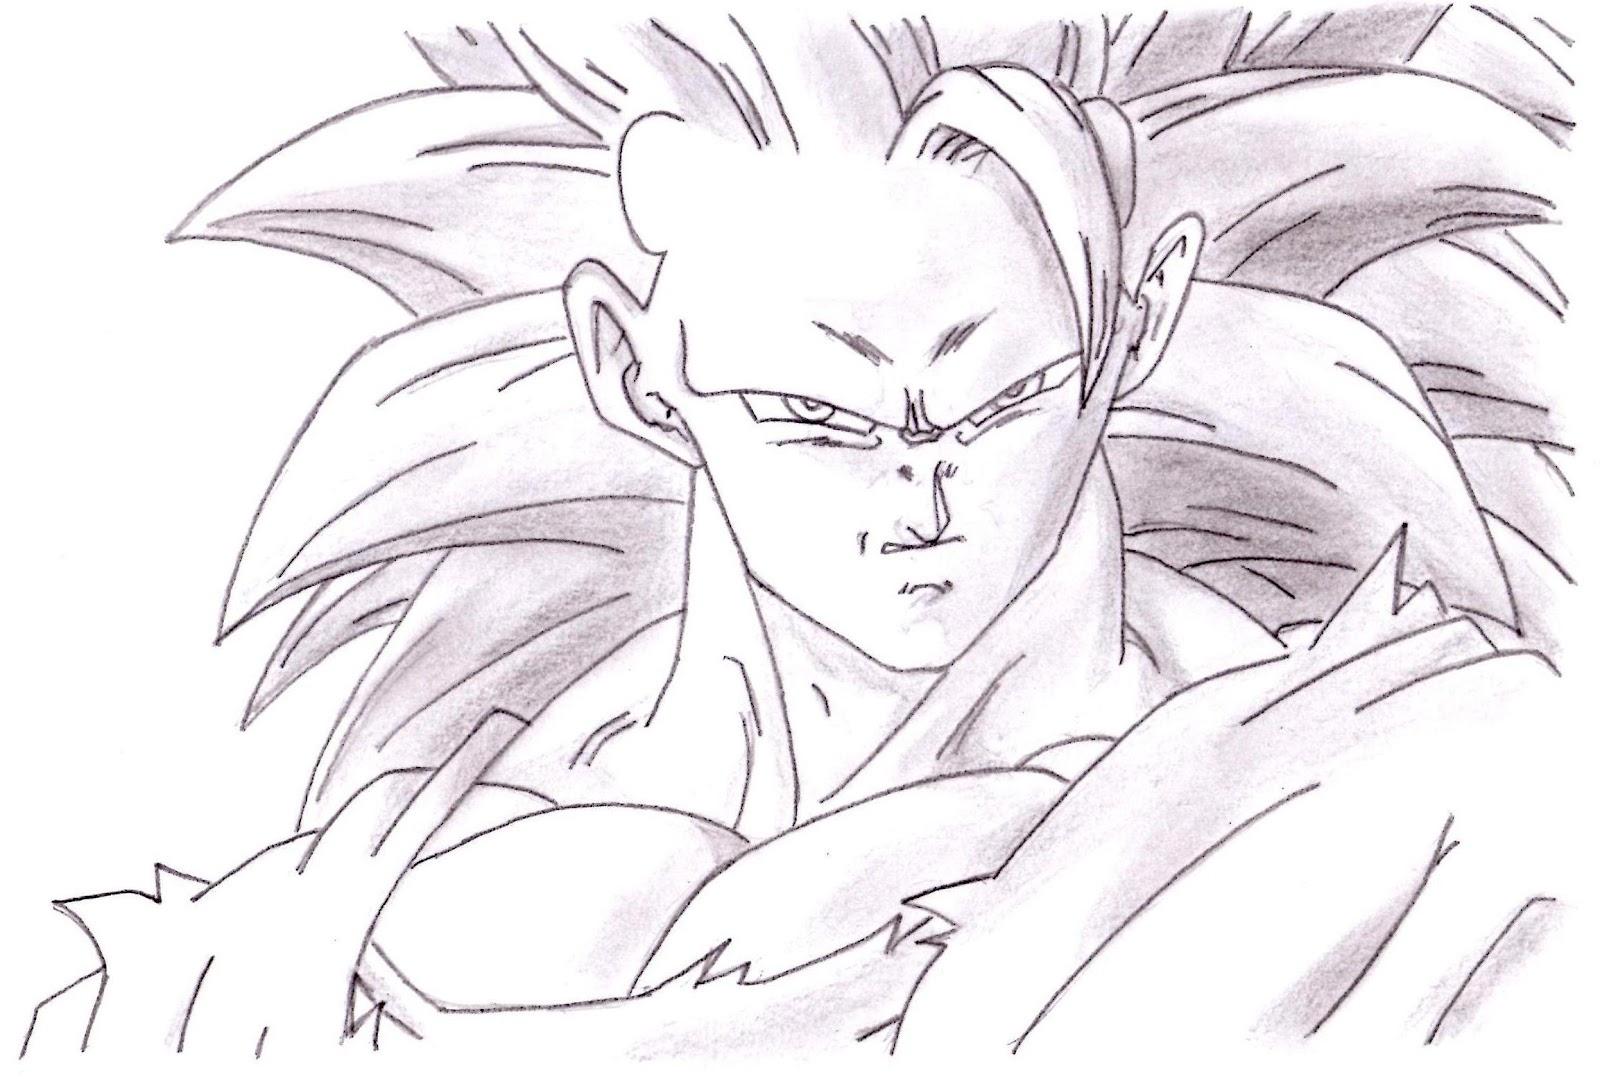 Como Dibujar A Goku Super Sayayin: Imagenesde99: Imagenes De Goku Ssj4 A Lapiz